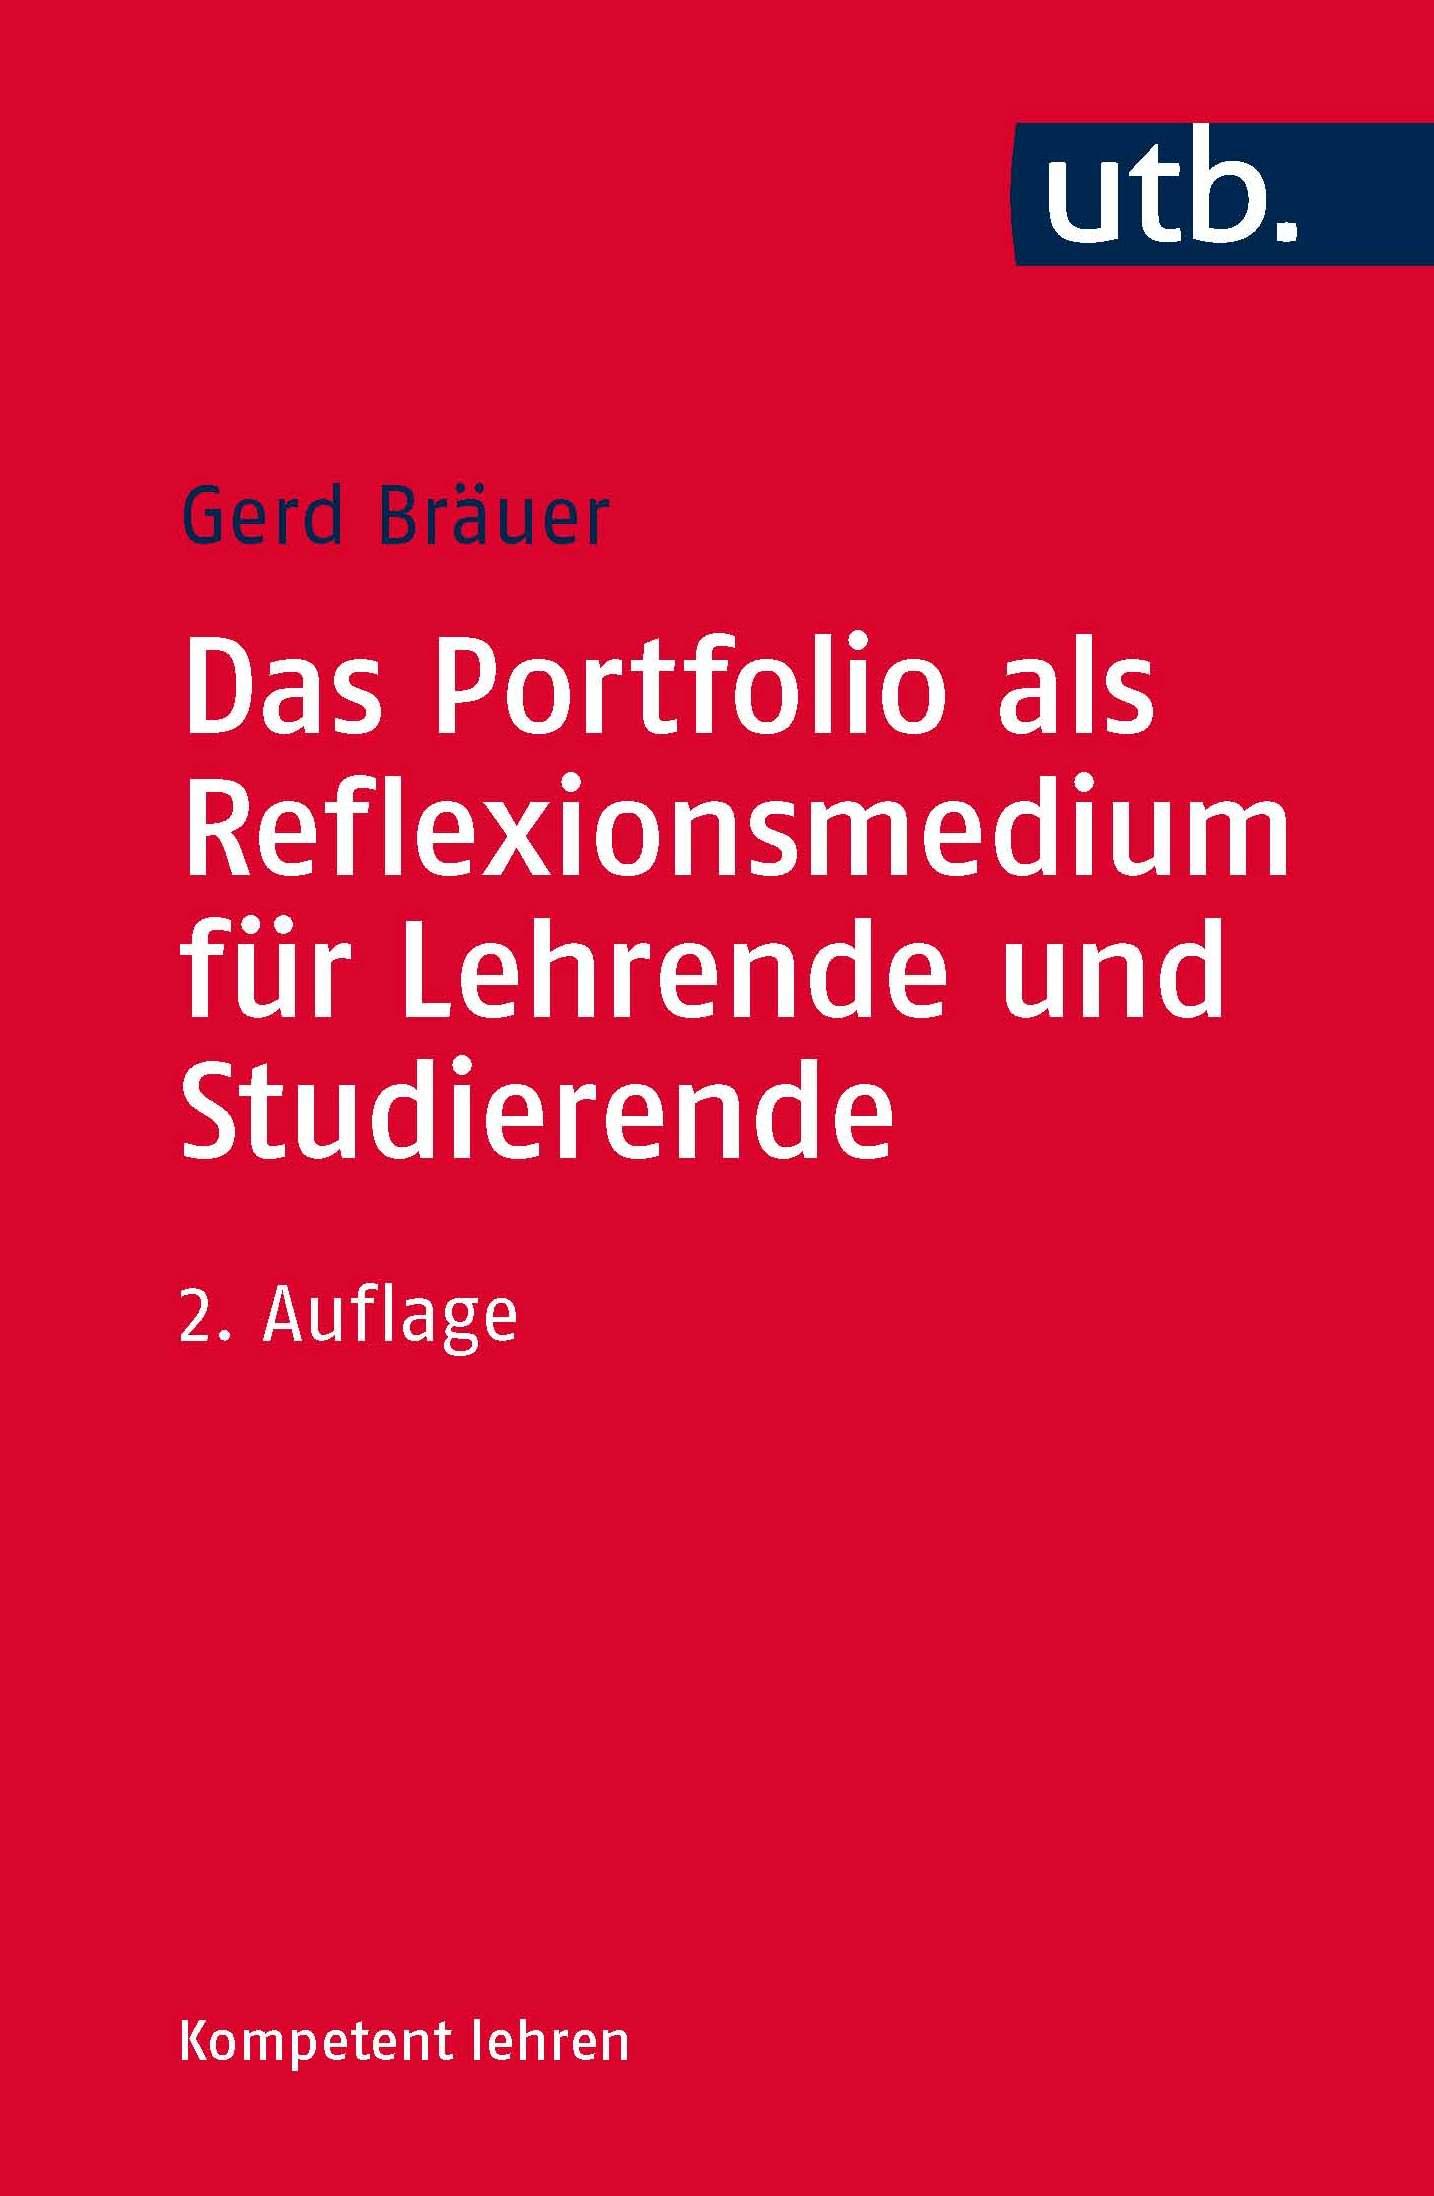 Das Portfolio als Reflexionsmedium für Lehrende und Studierende